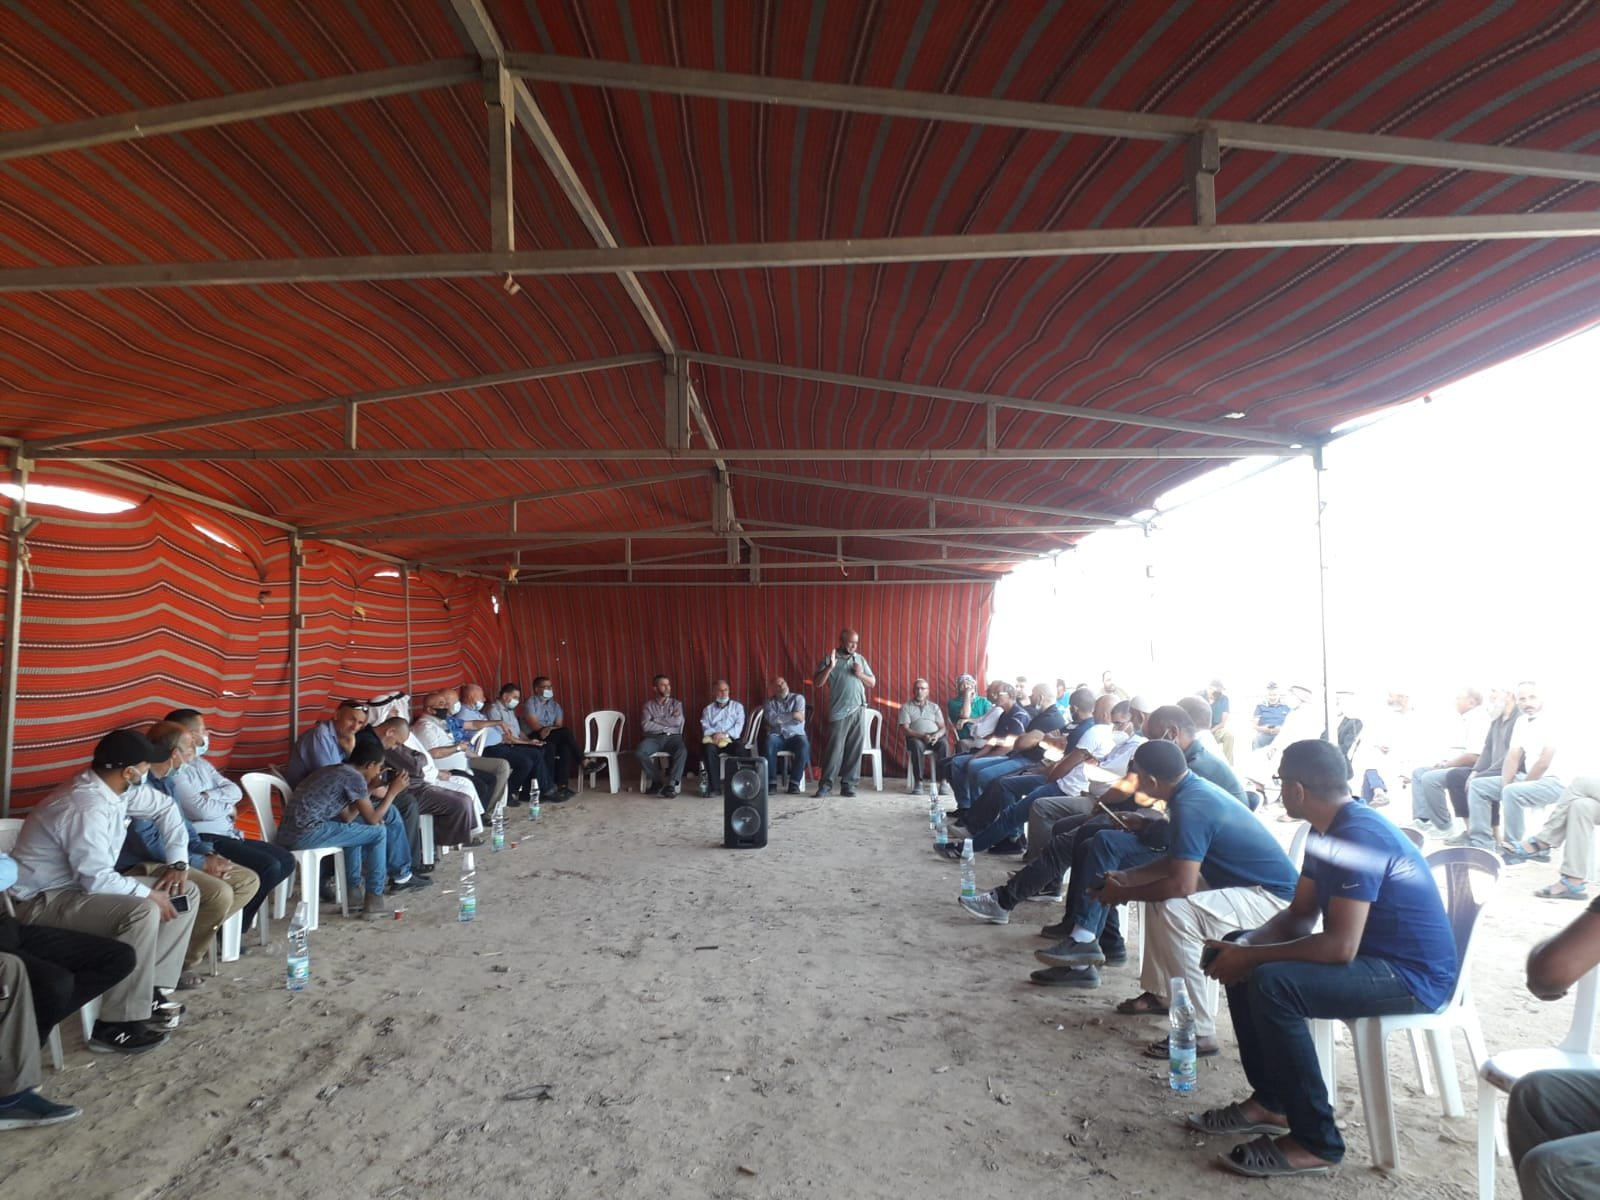 أمسية ثقافية في خيمة الاعتصام بخربة الوطن في النقب-1